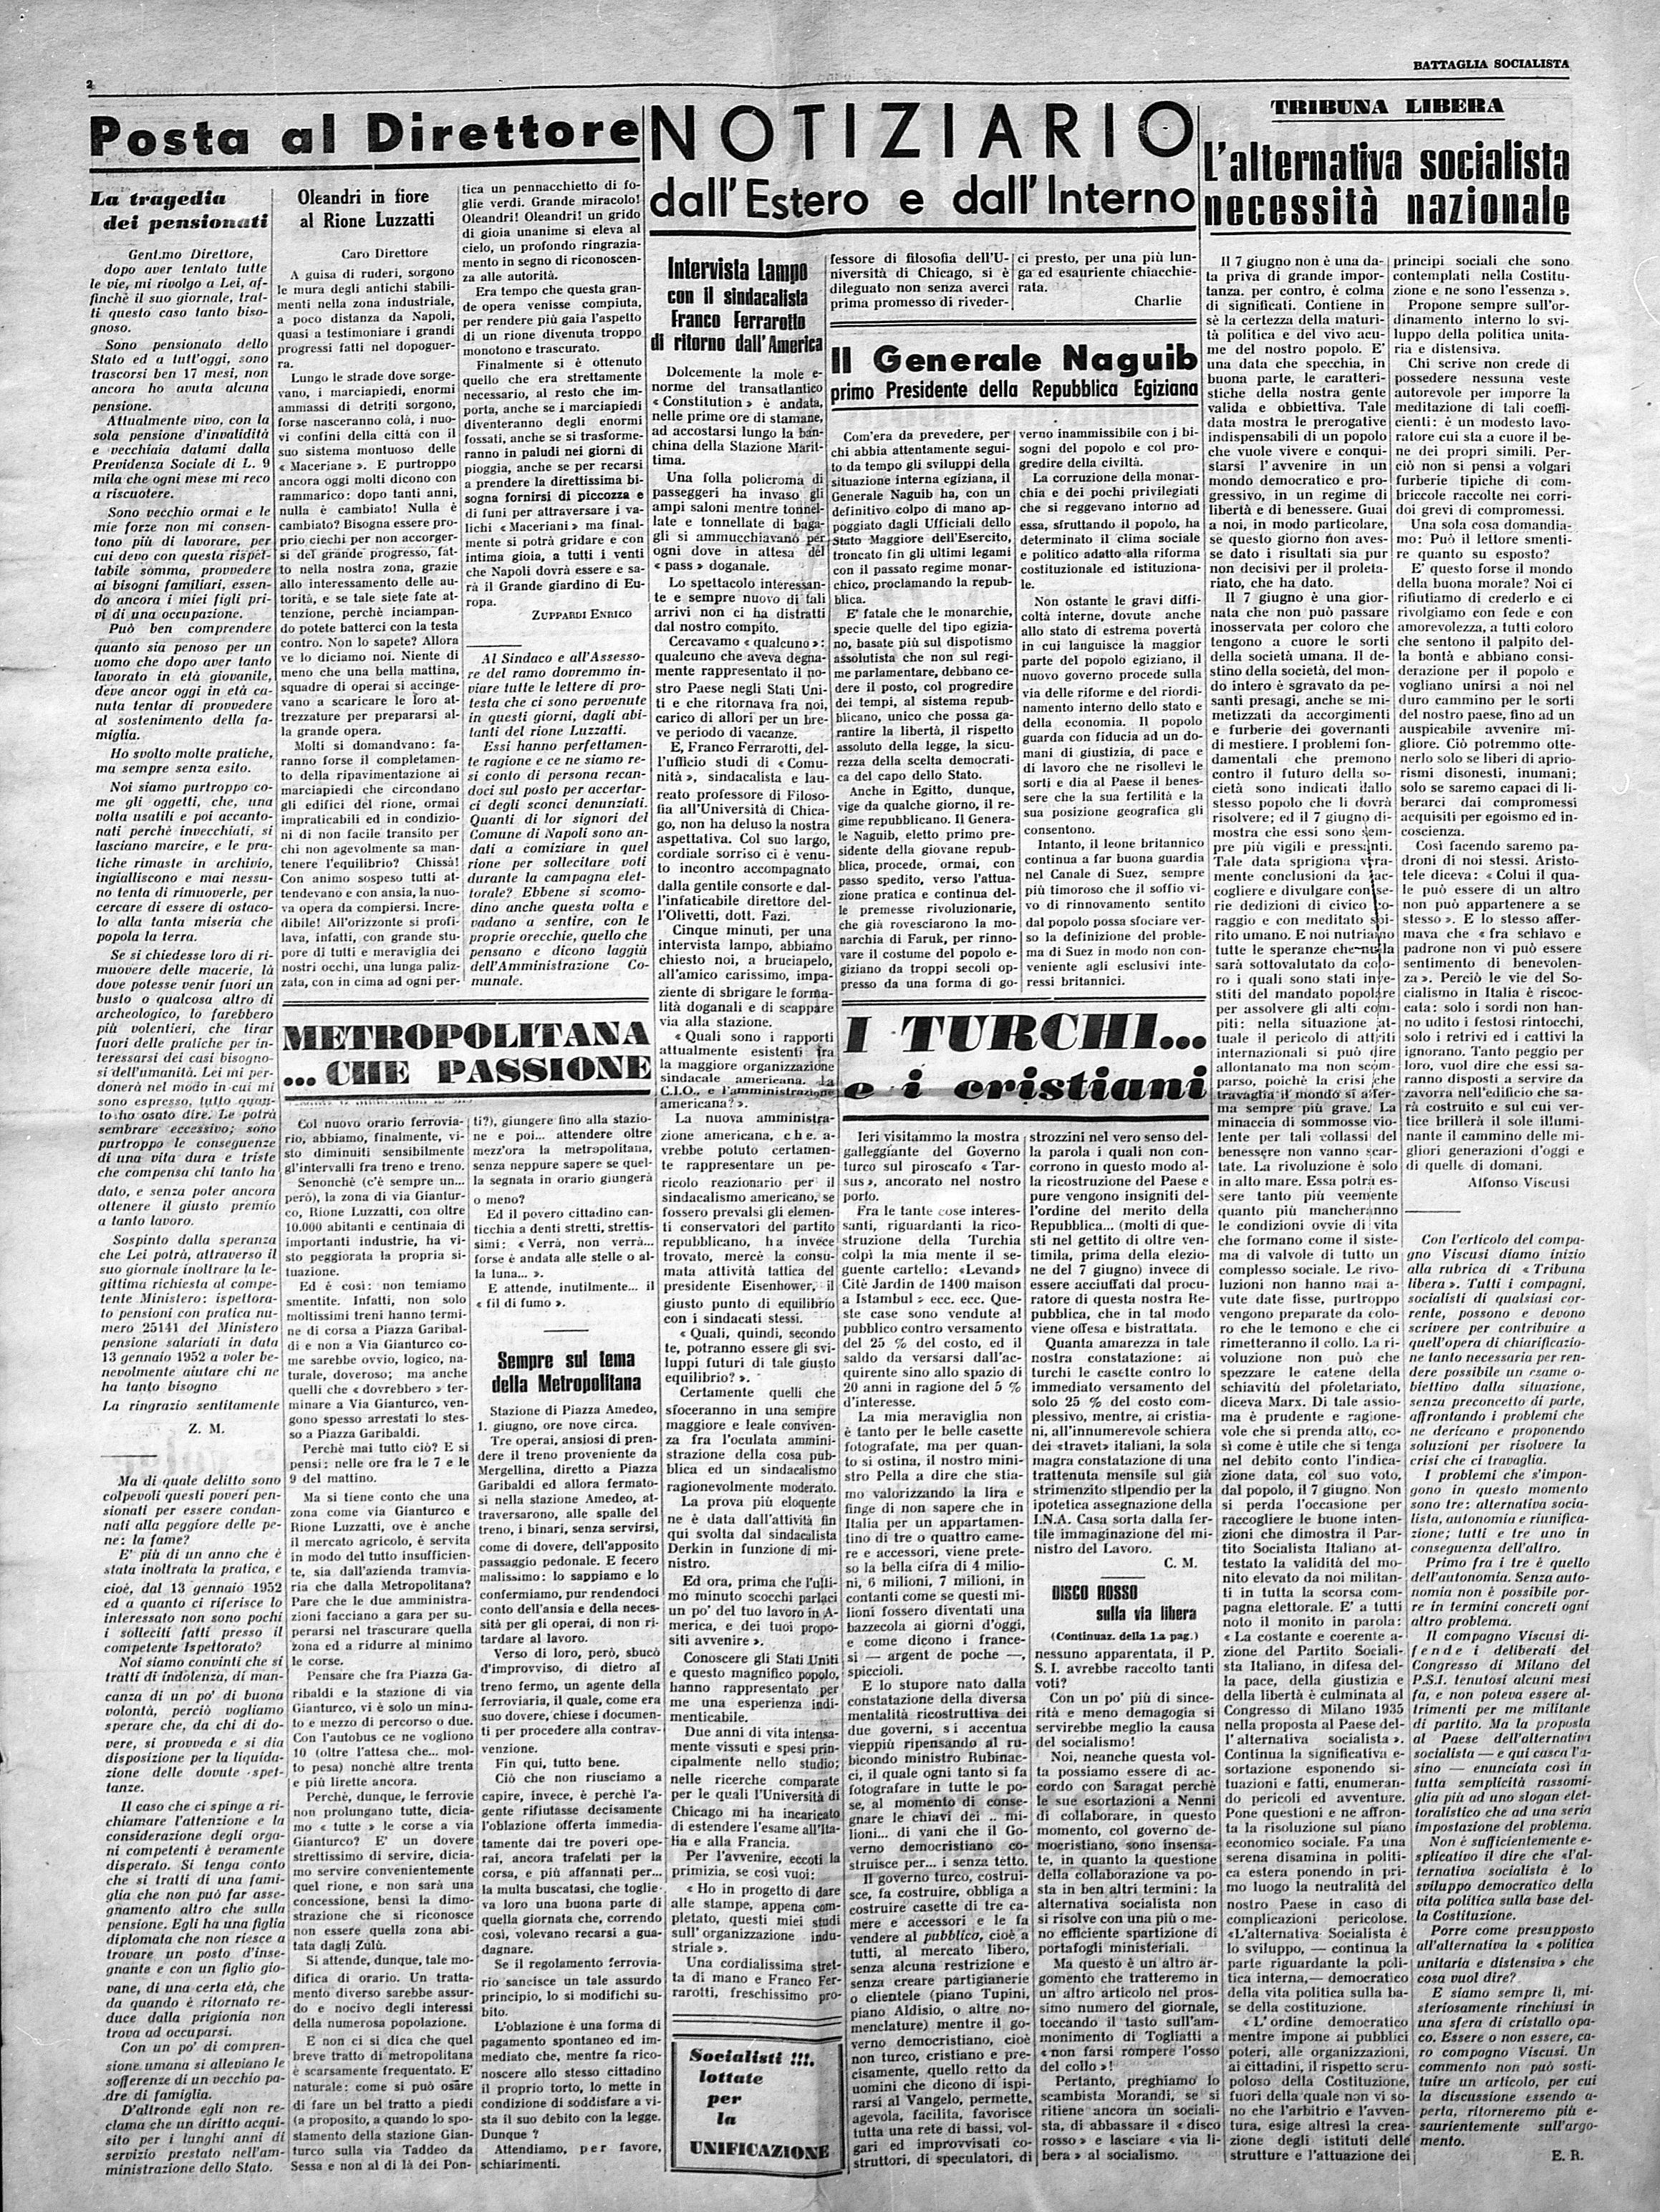 Battaglia Socialista n. 3 giugno 1953 - pag. 2